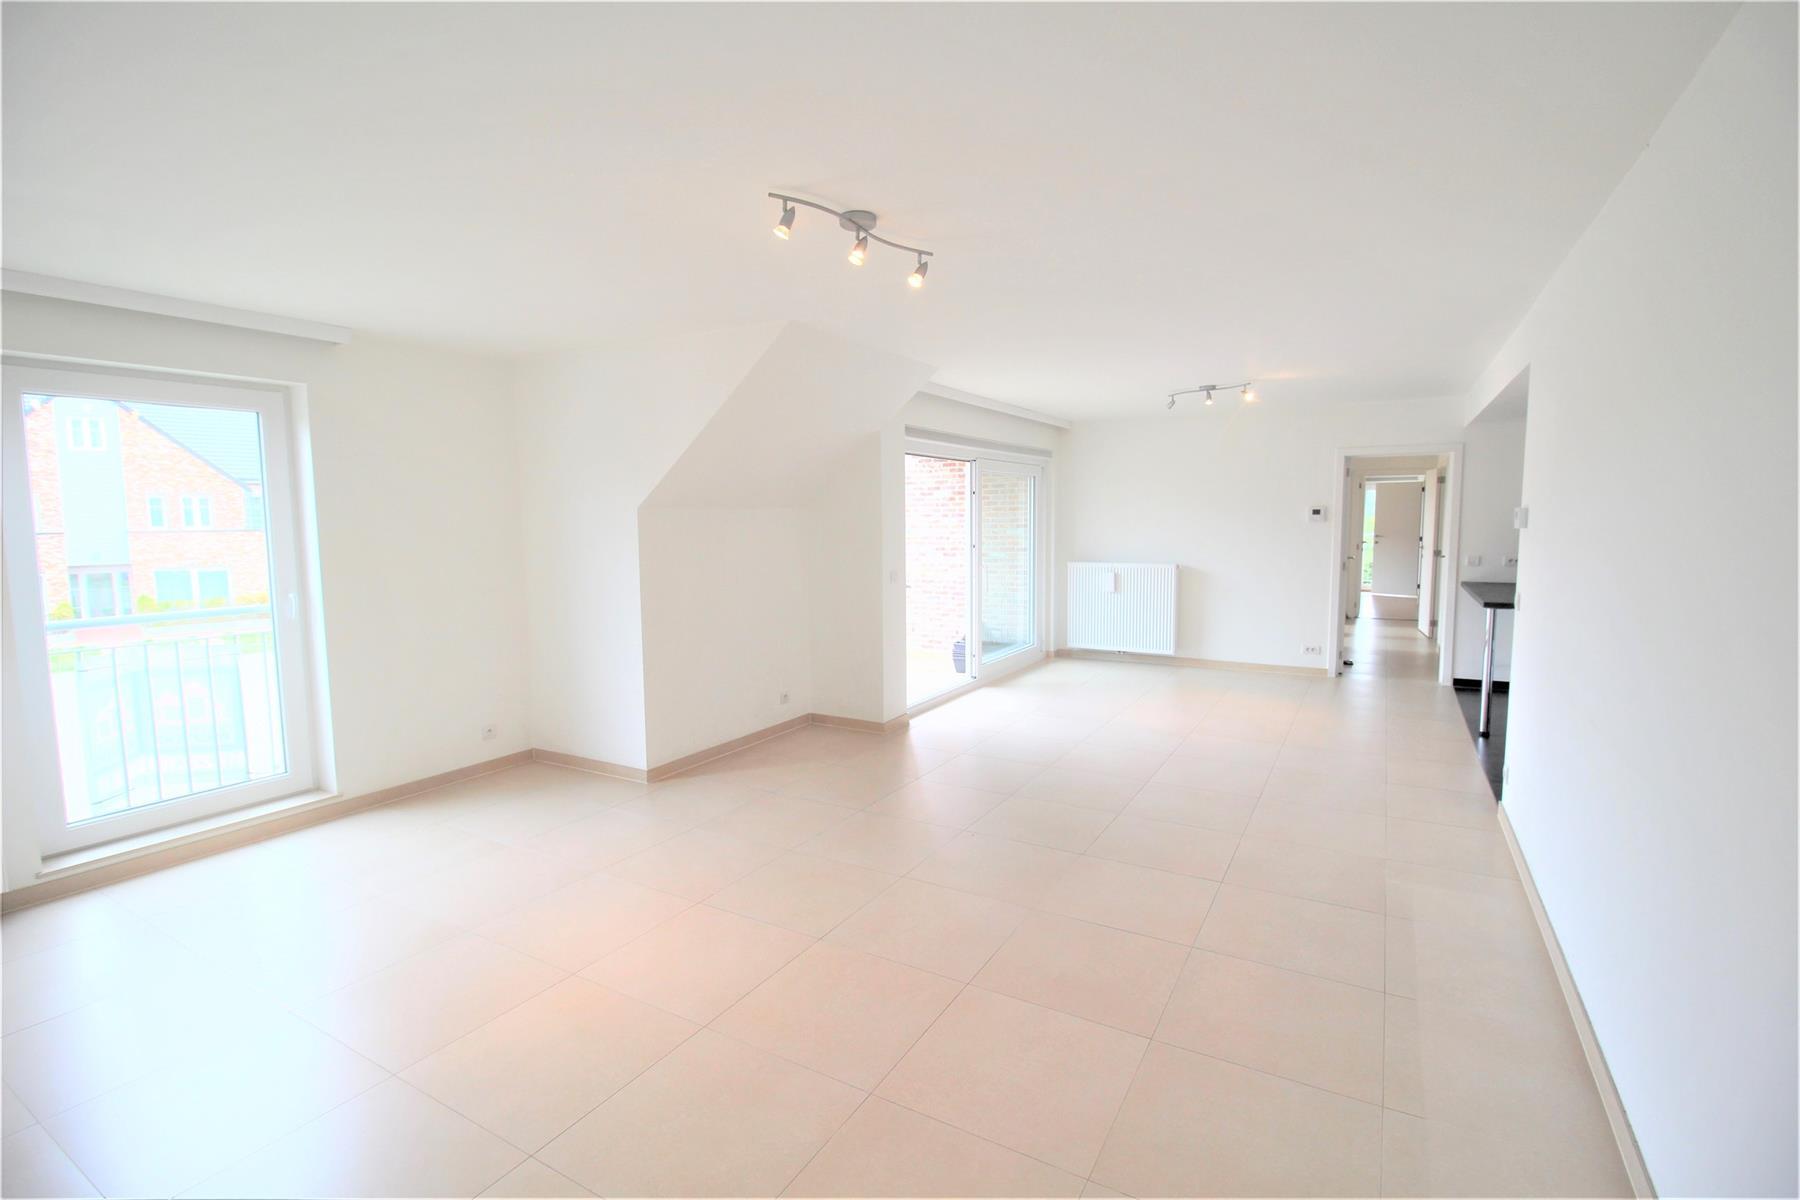 Appartement - Grez-Doiceau - #4163133-3